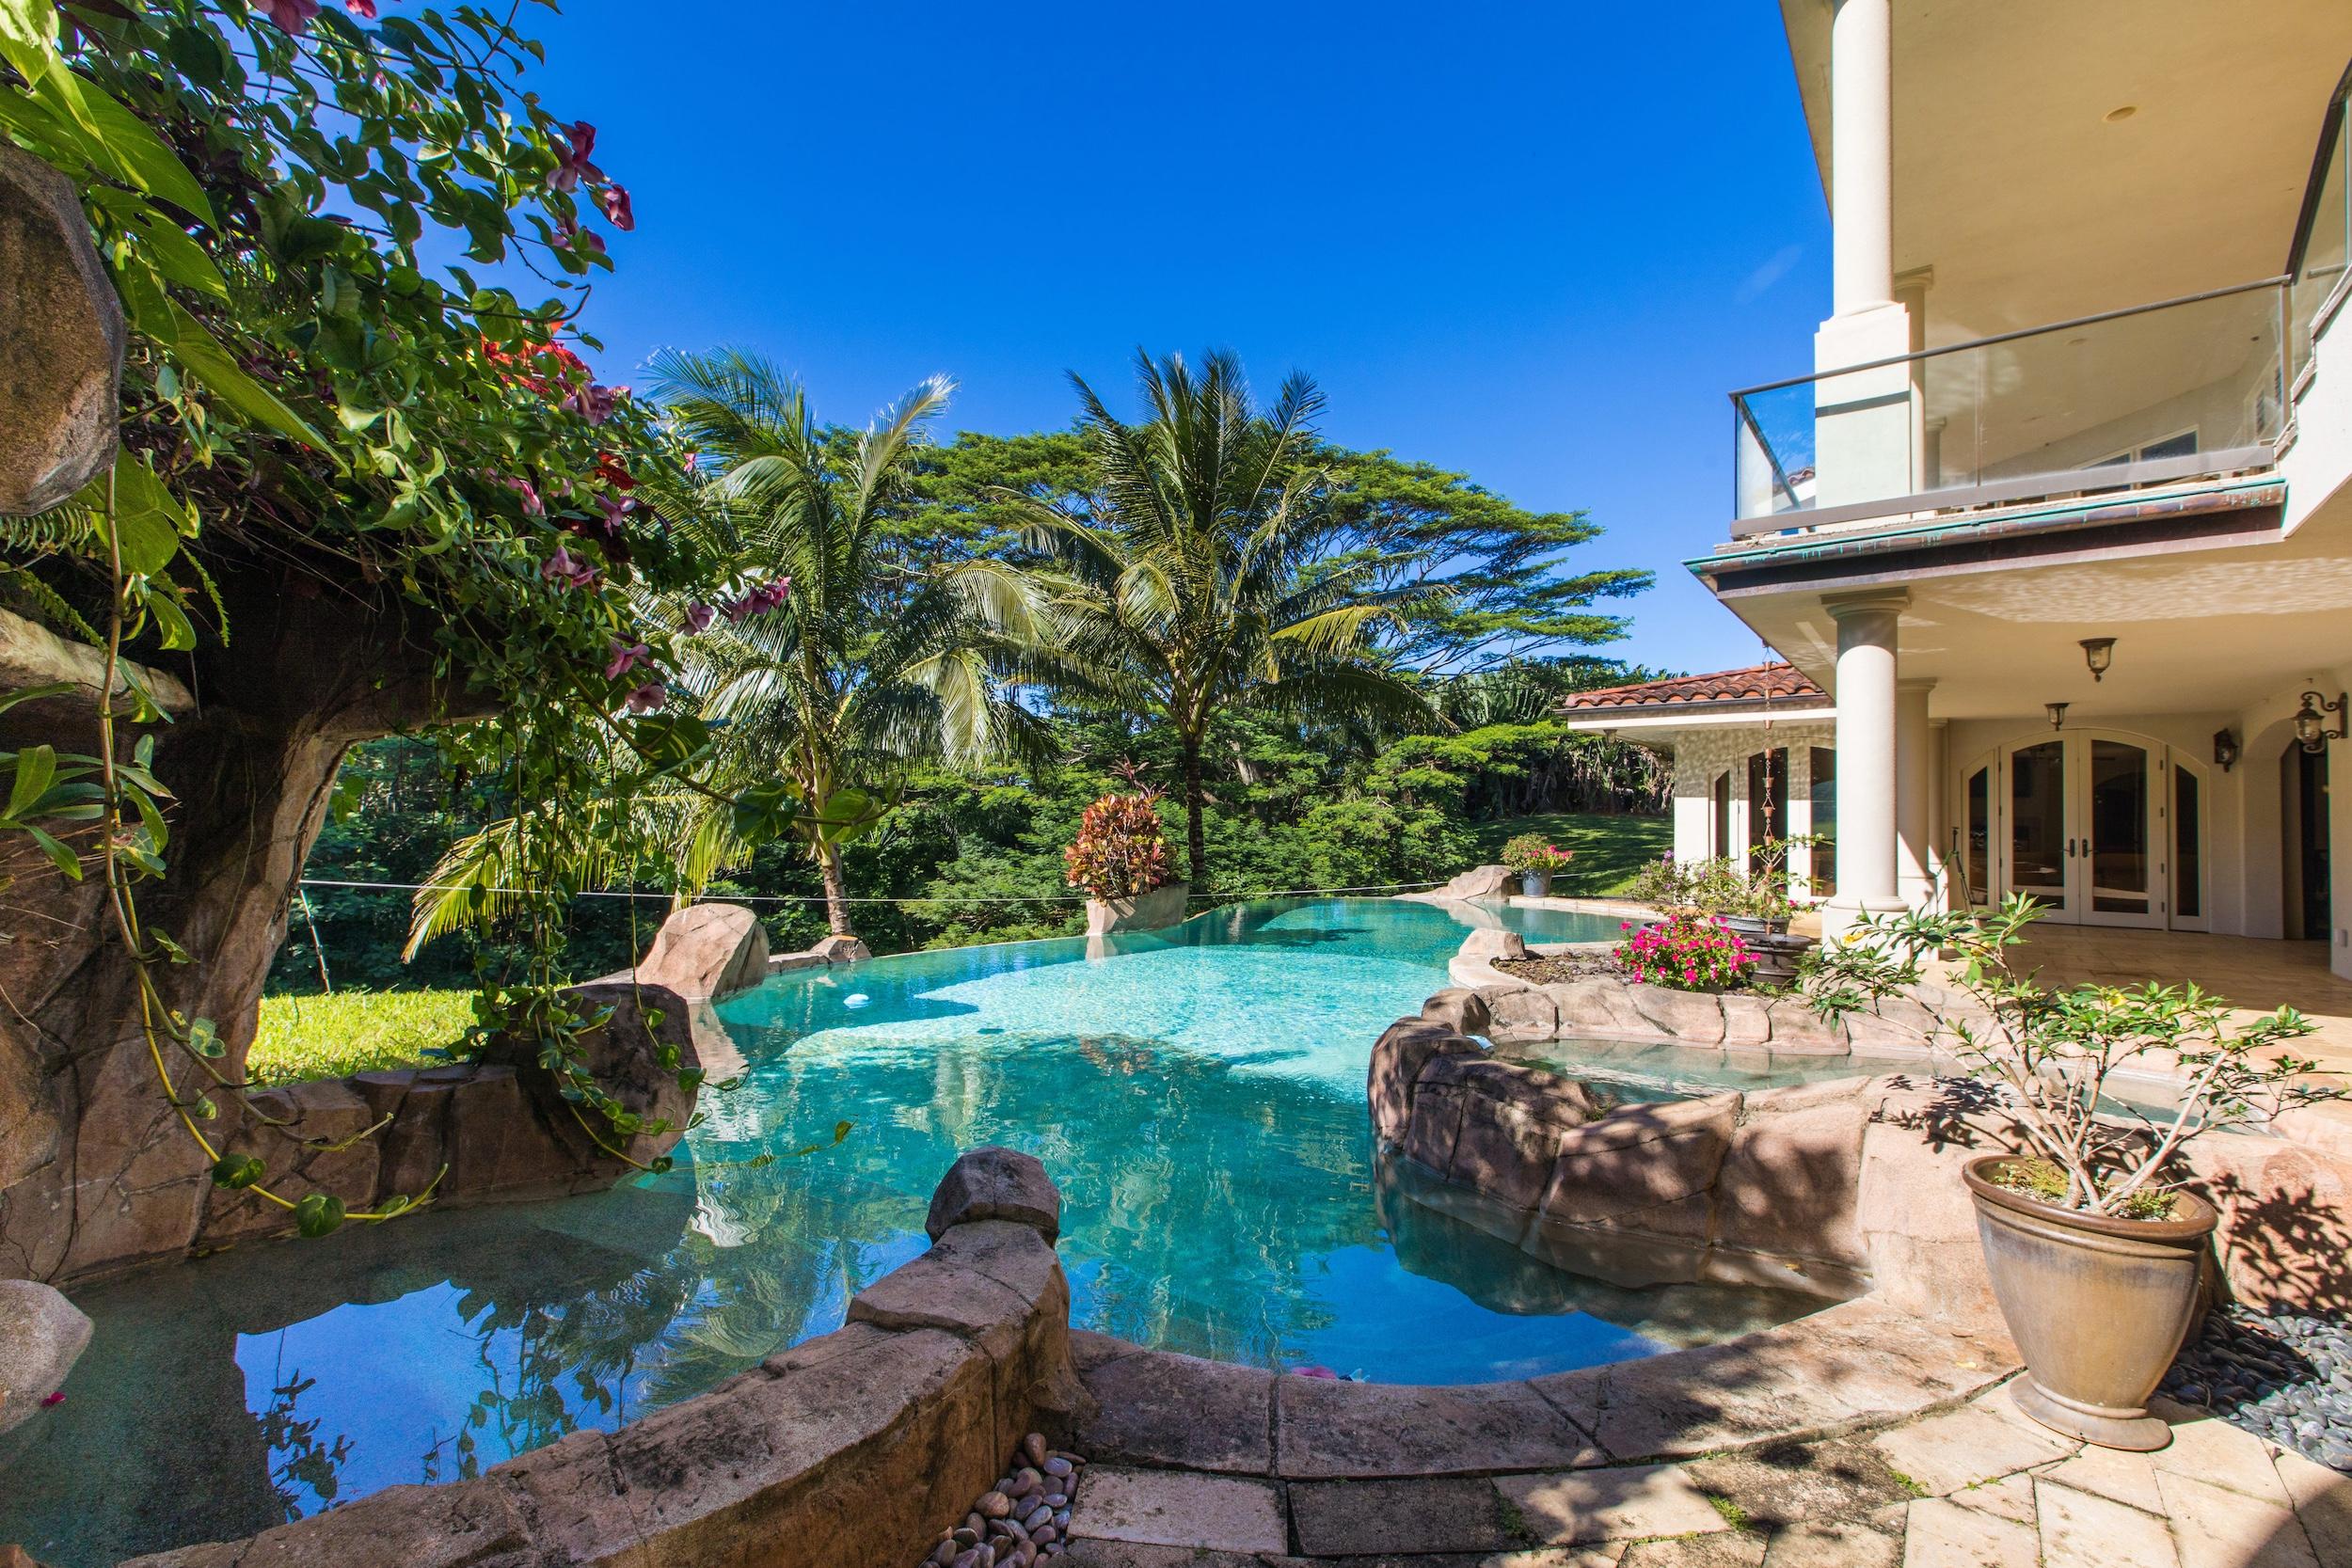 Casa Unifamiliar por un Venta en Kilauea Estate 4570-A Wailapa Road Kilauea, Hawaii, 96754 Estados Unidos